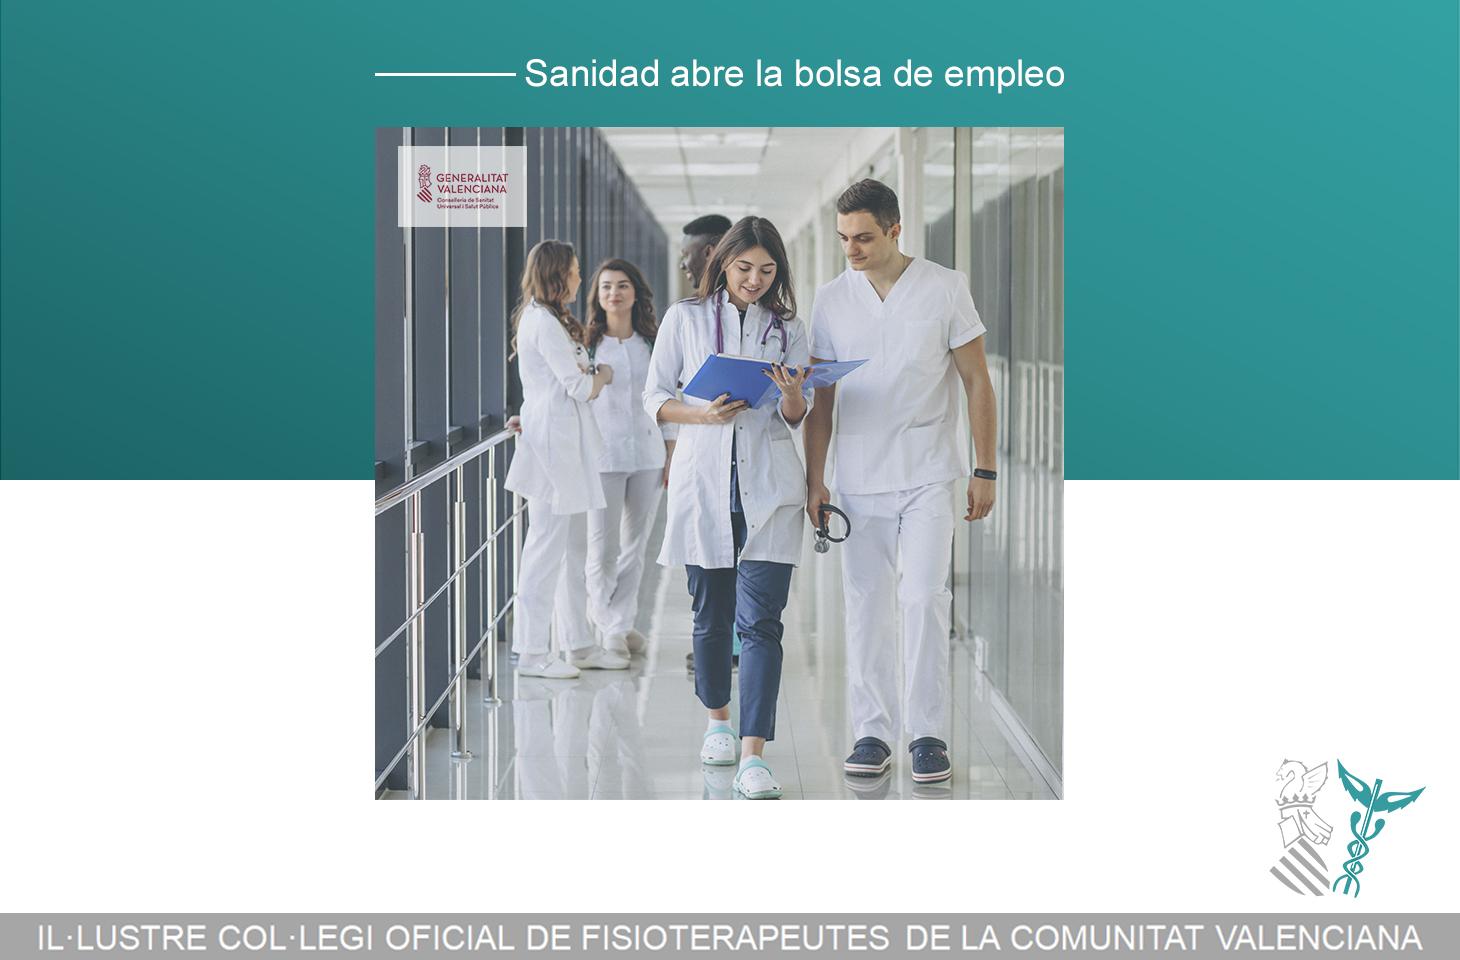 La Conselleria de Sanidad abre la Bolsa de Empleo Temporal - fisioterapeutas ICOFCV